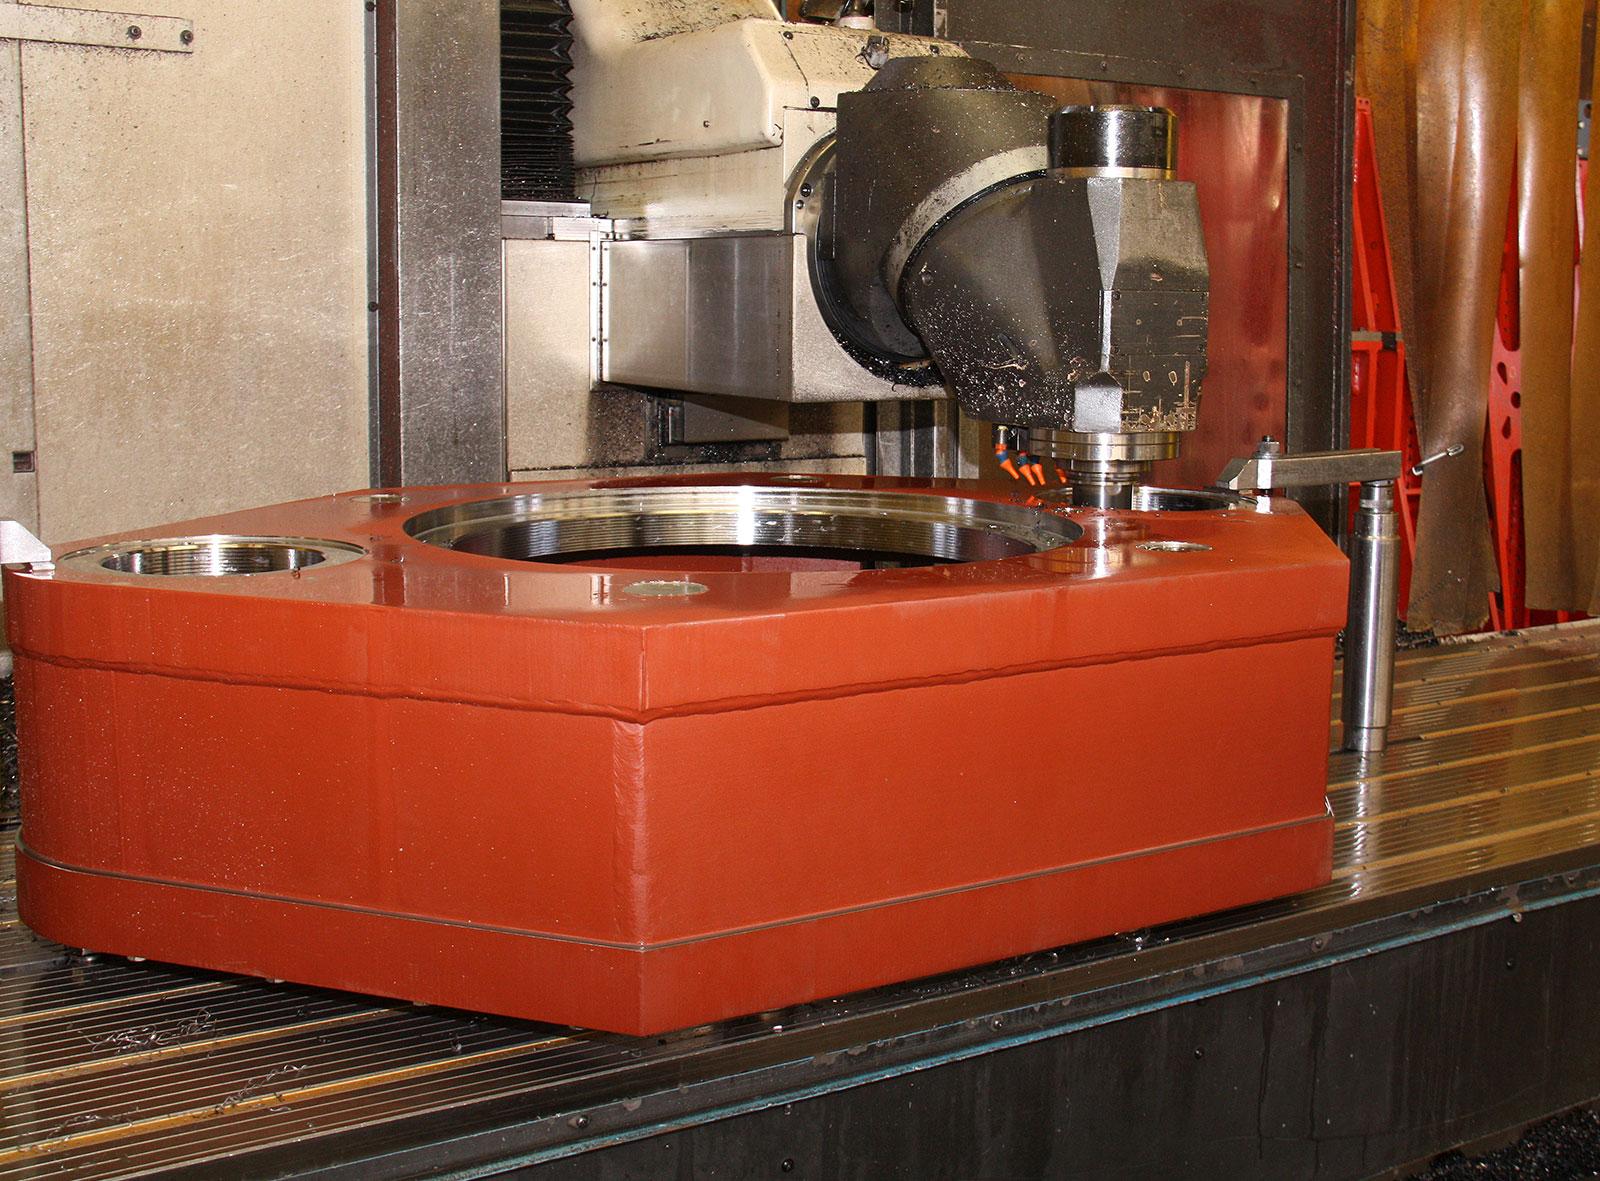 Alvarin-Metalli-alihankinta-konepaja-metalliteollisuus-kappaleen-tyosto-19